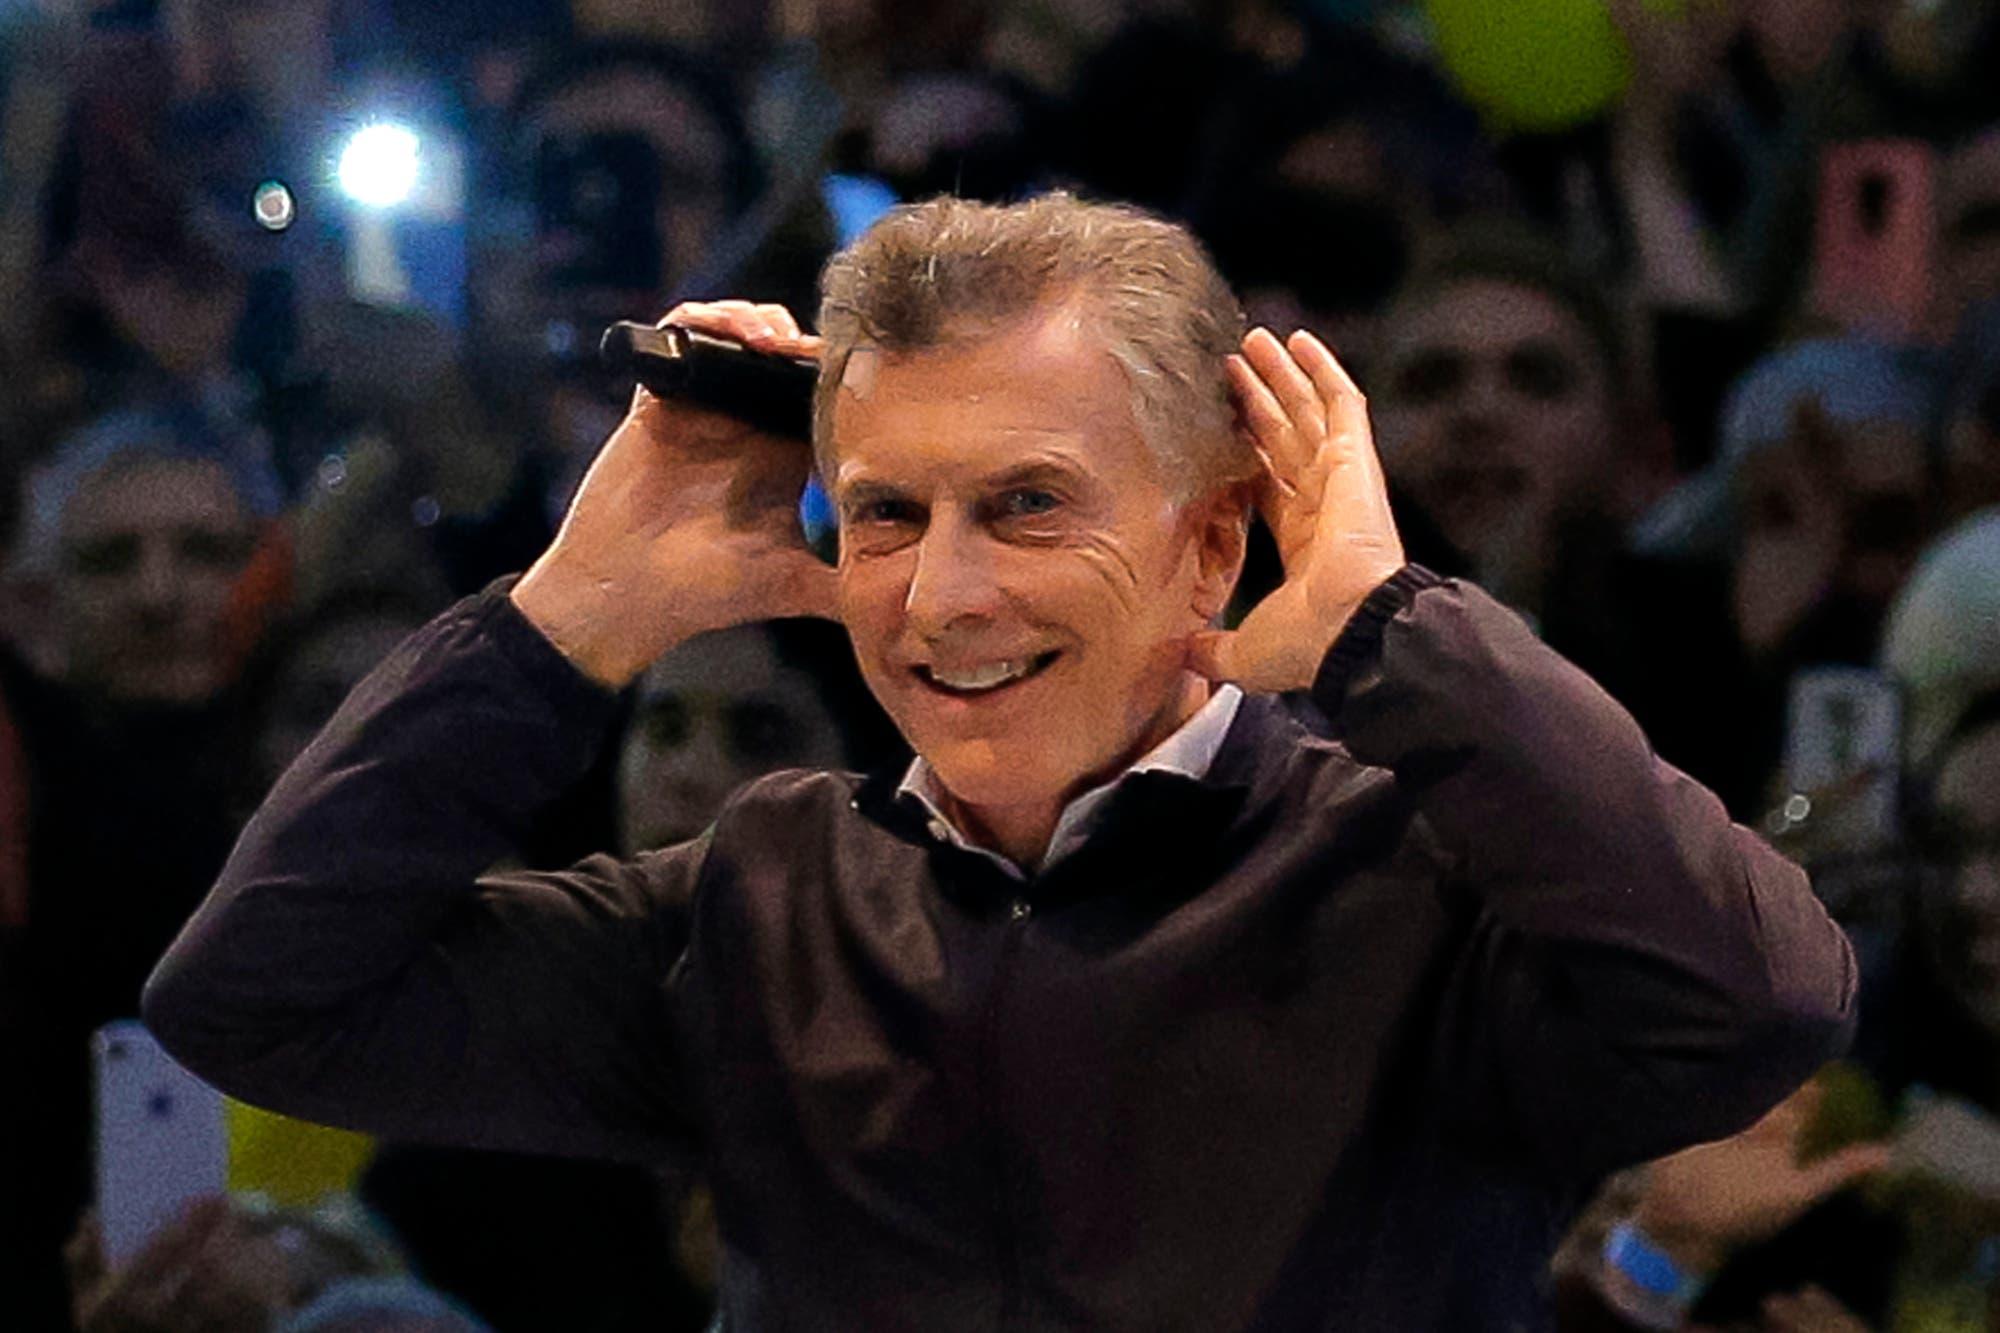 Macri en Córdoba: otro discurso eufórico entre cuartetos, Topo Gigio y pedidos de ir a votar